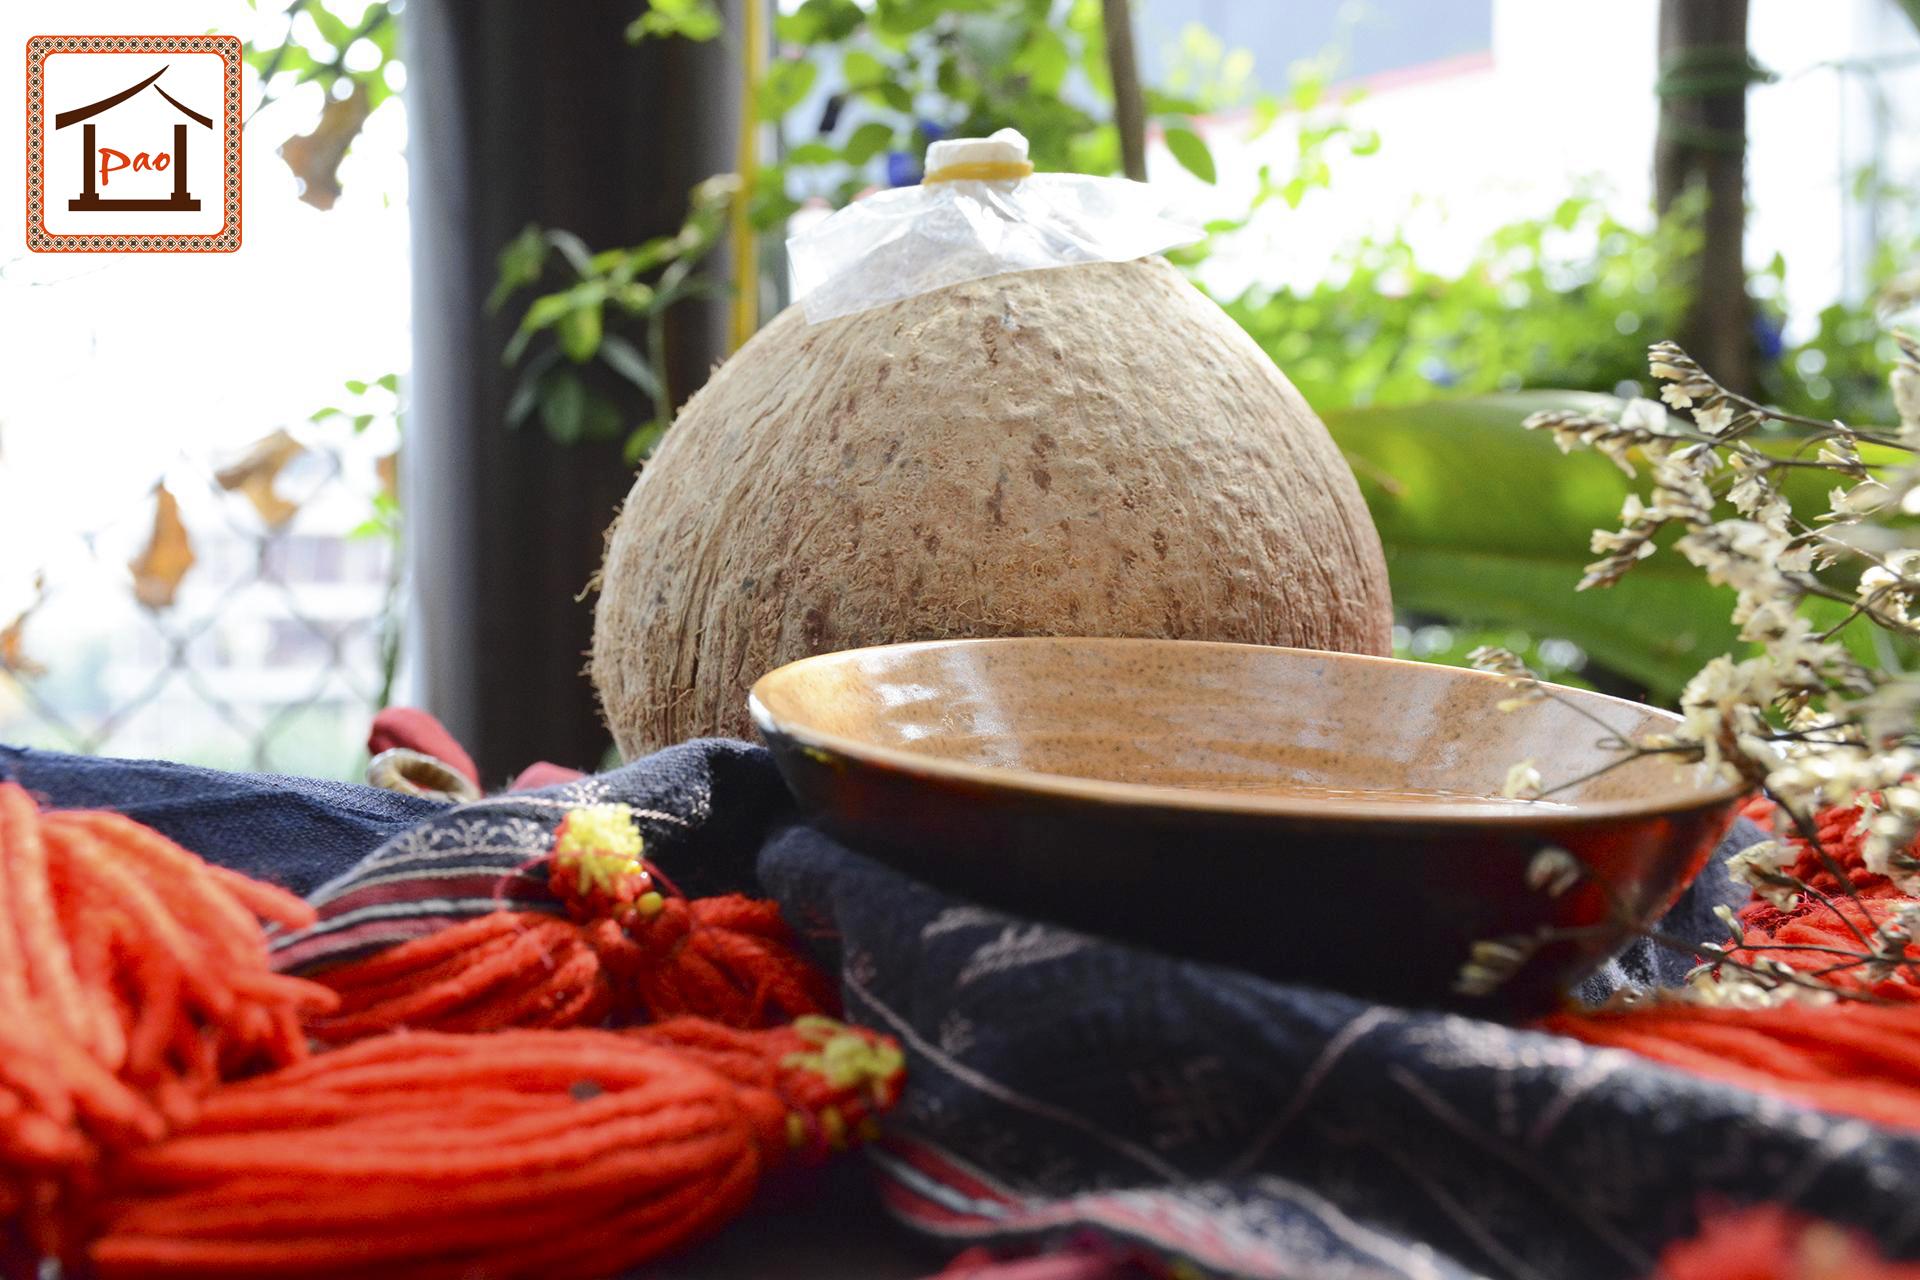 Rượu dừa Pao Quán